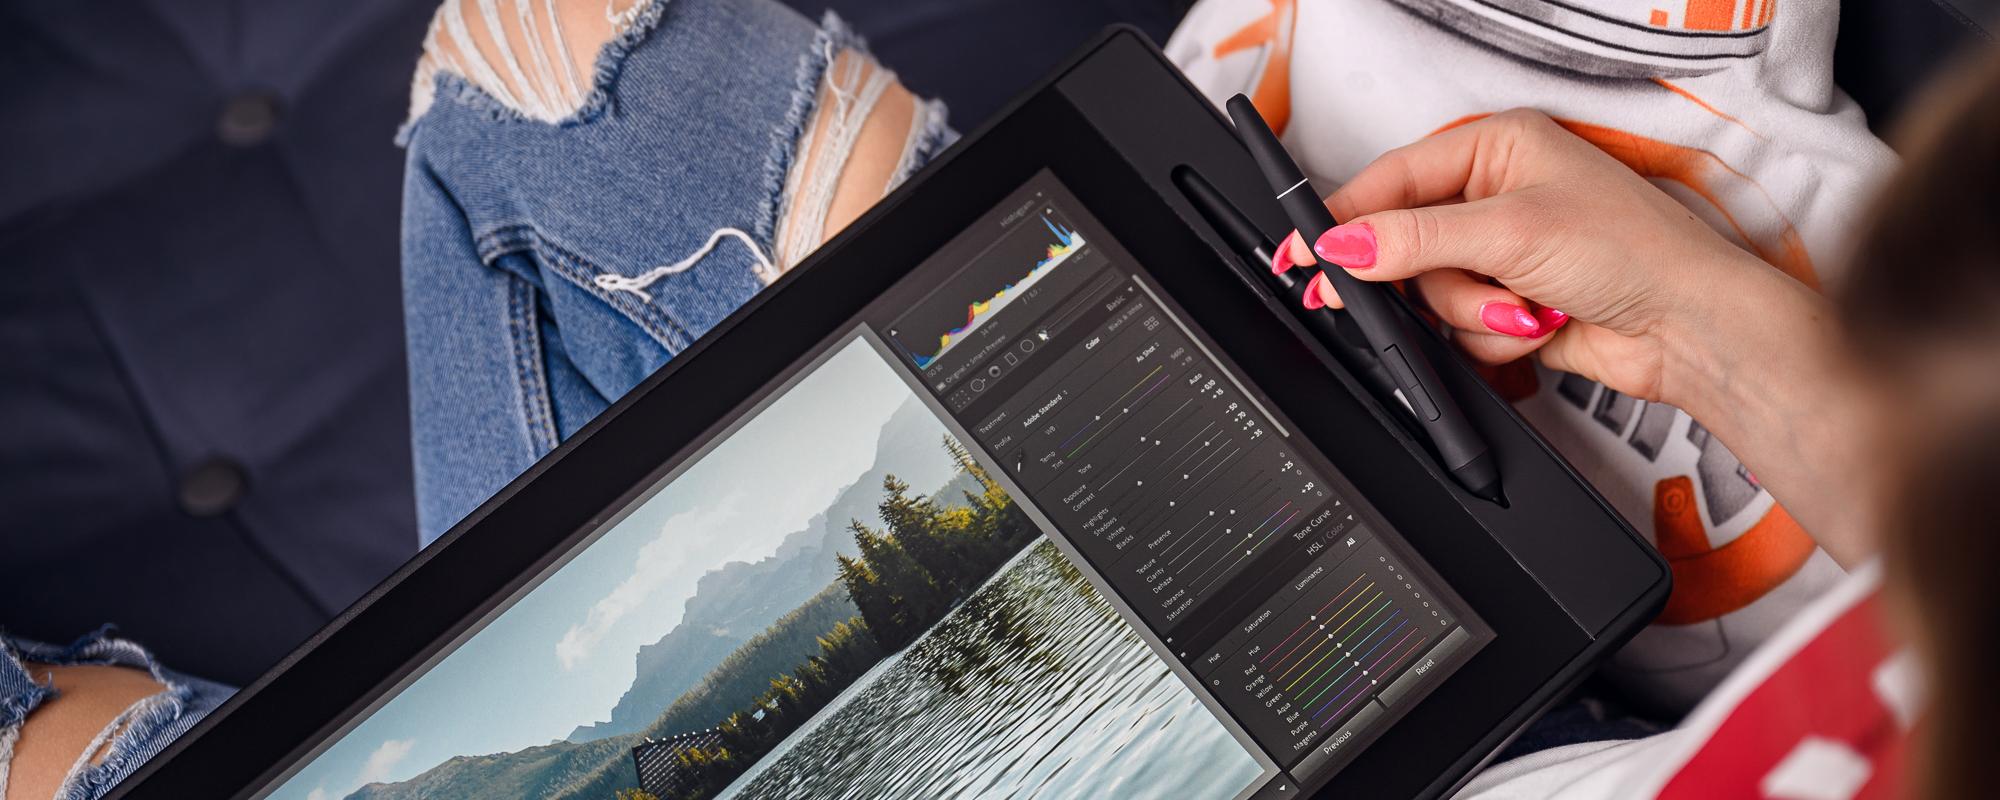 Zdjęcie - tablet graficzny z ekranem LCD Veikk VK1560, piórko oraz kobieca dłoń